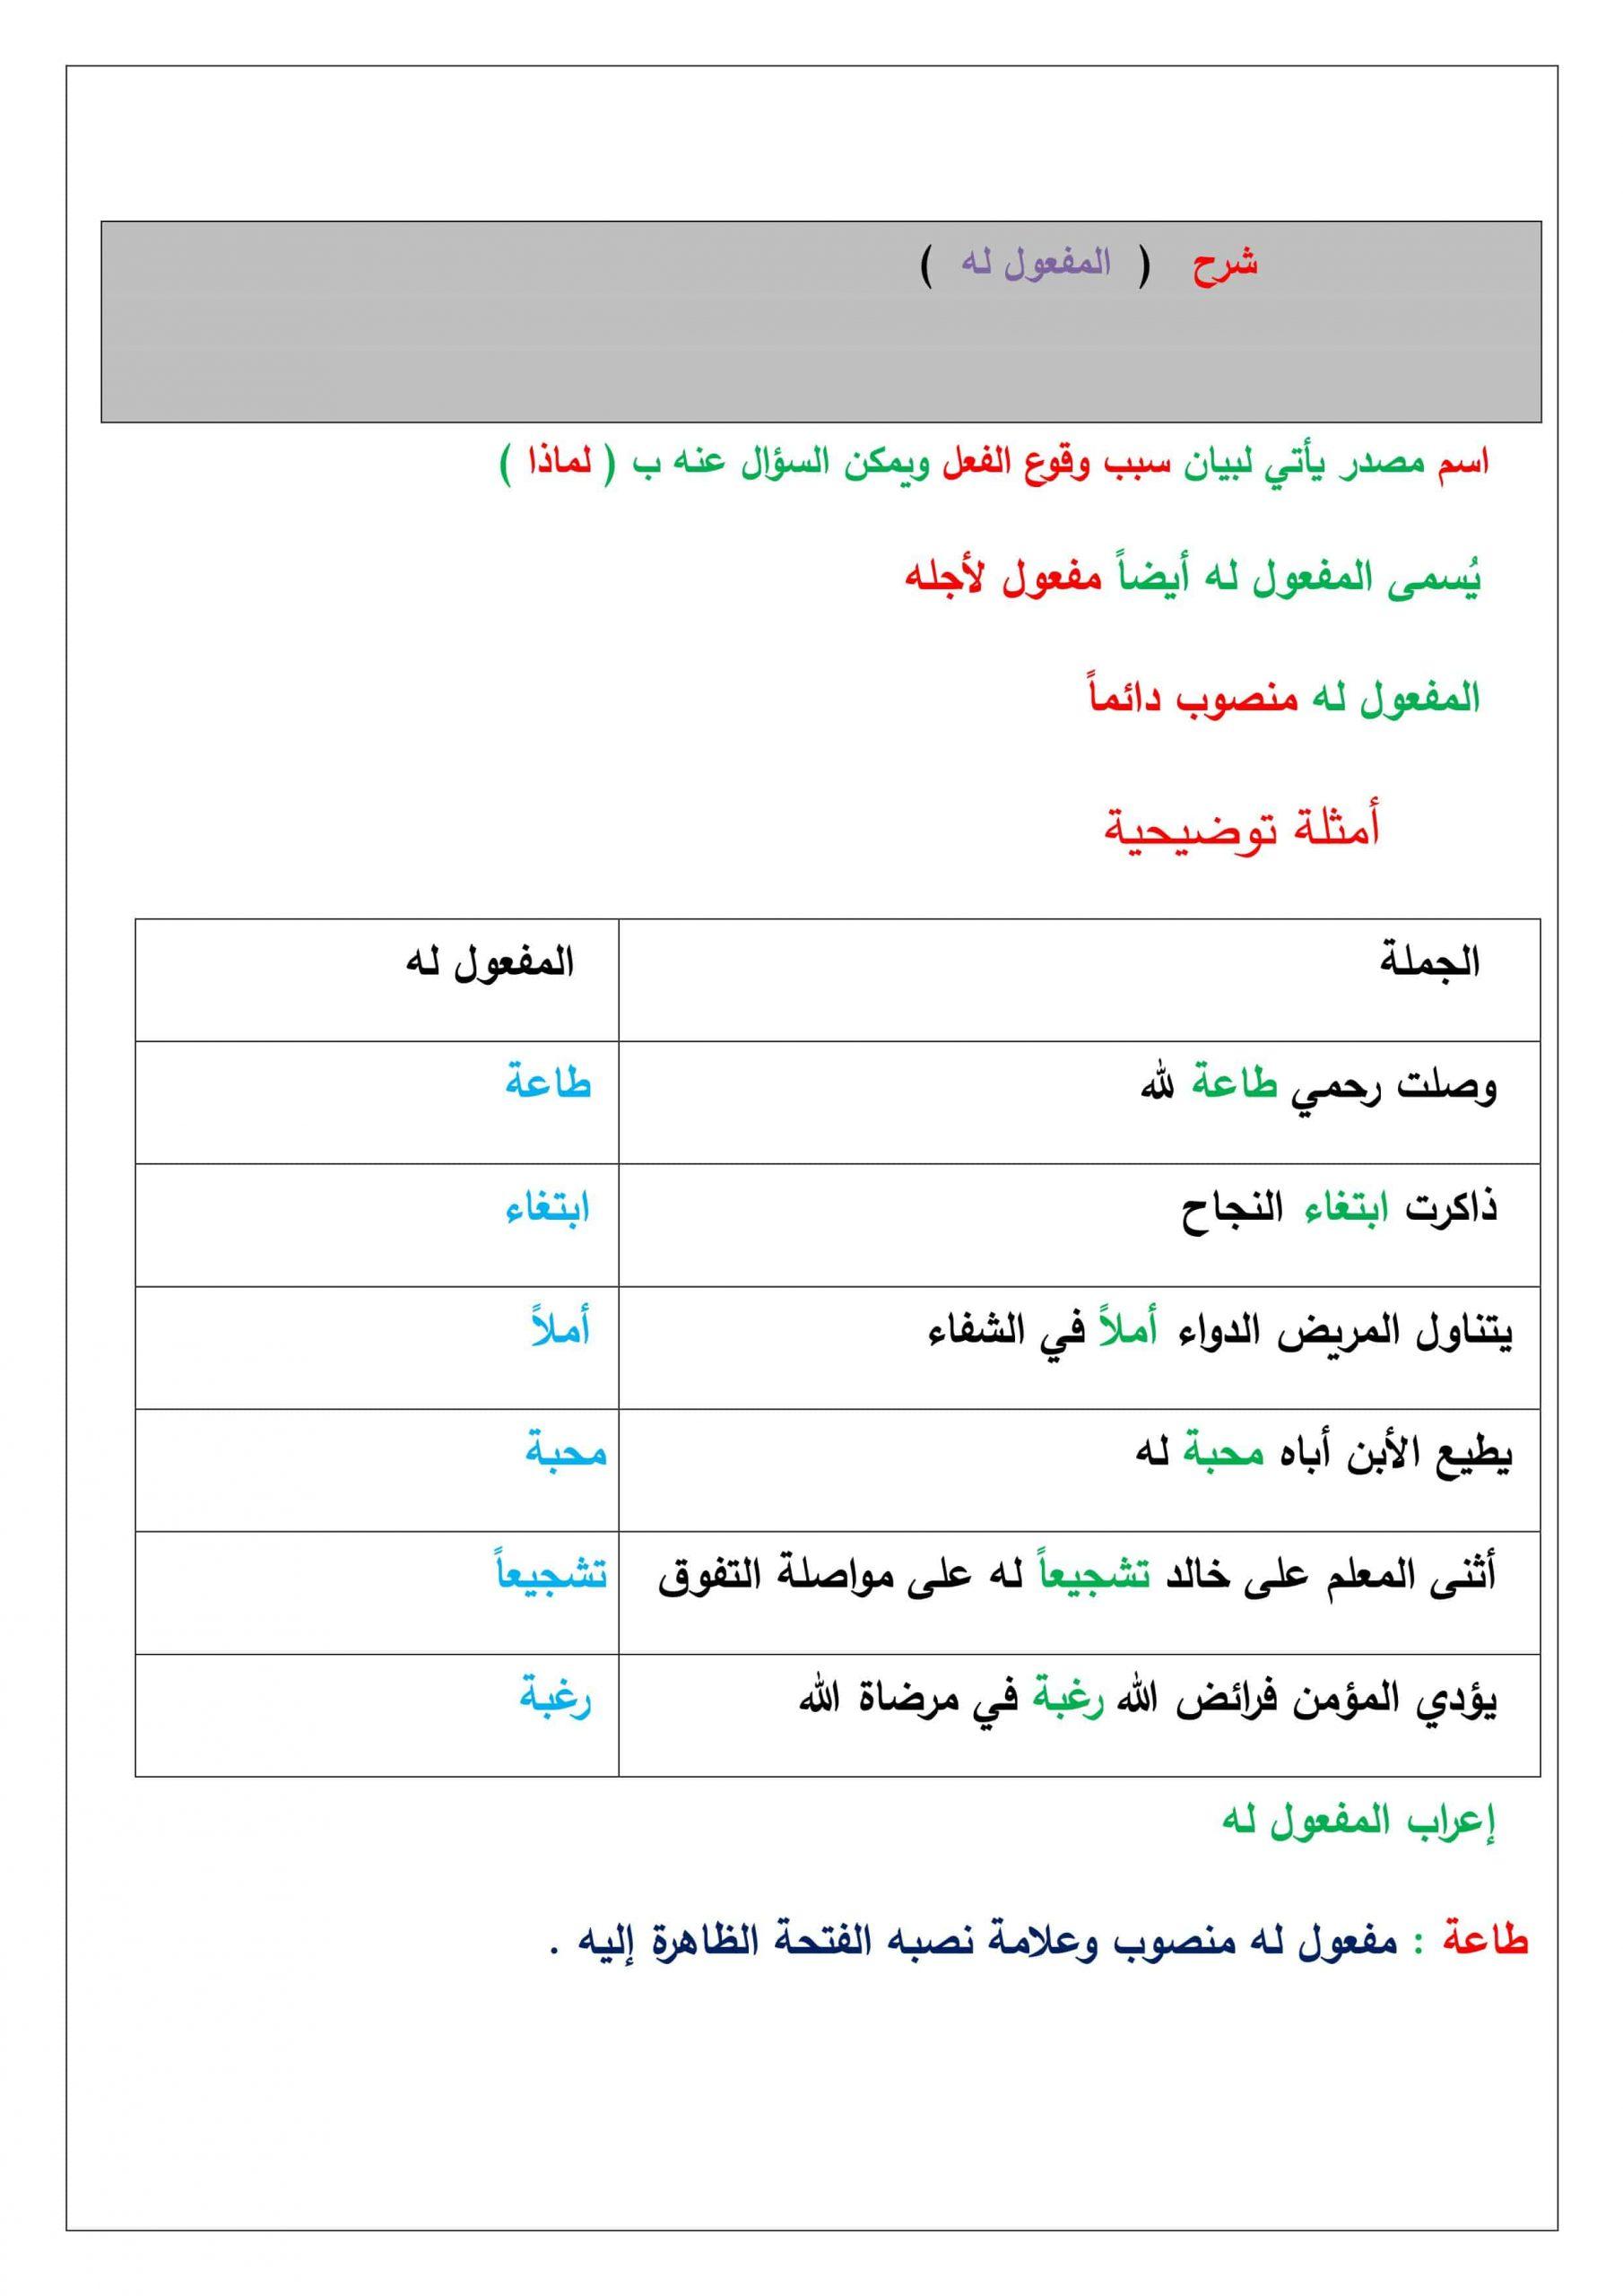 شرح درس المفعول له الفصل الدراسي الثالث الصف السابع مادة اللغة العربية